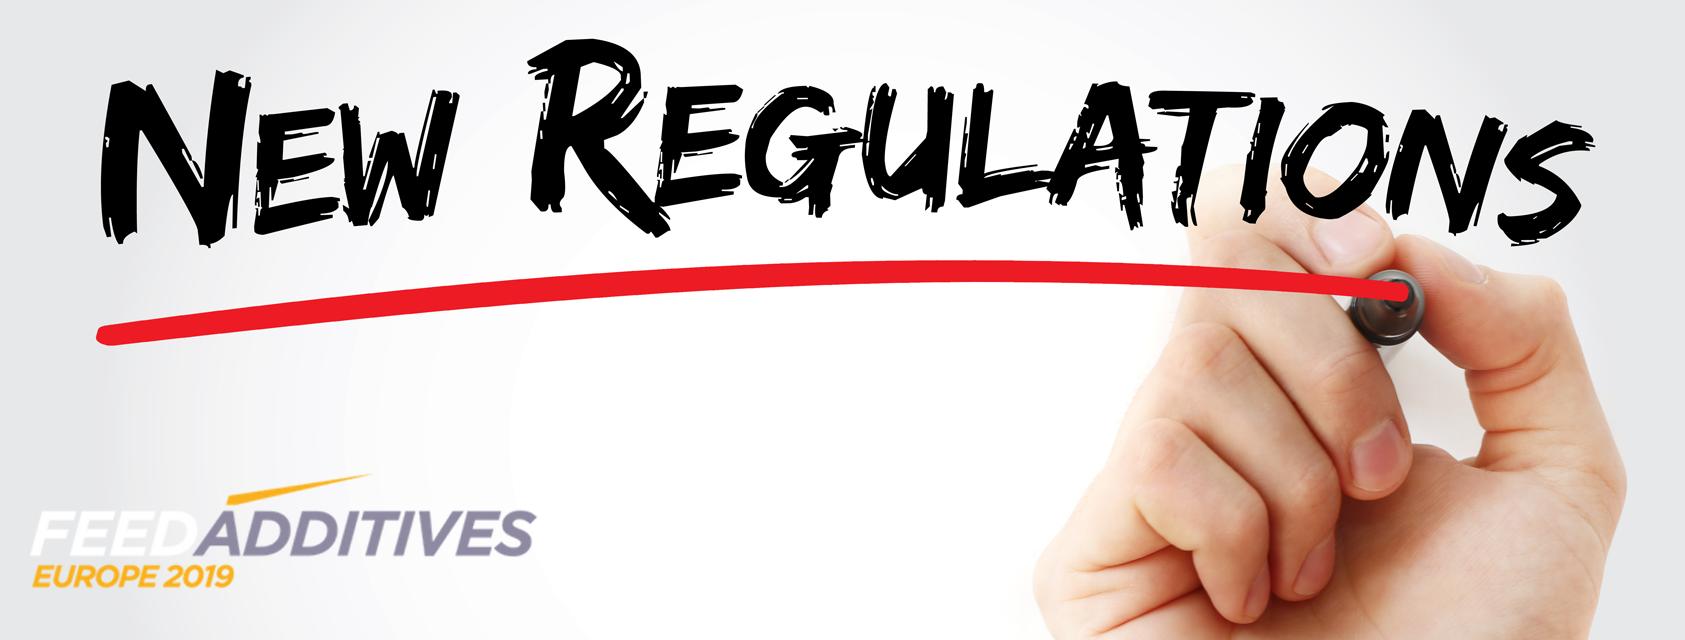 New_Regulations